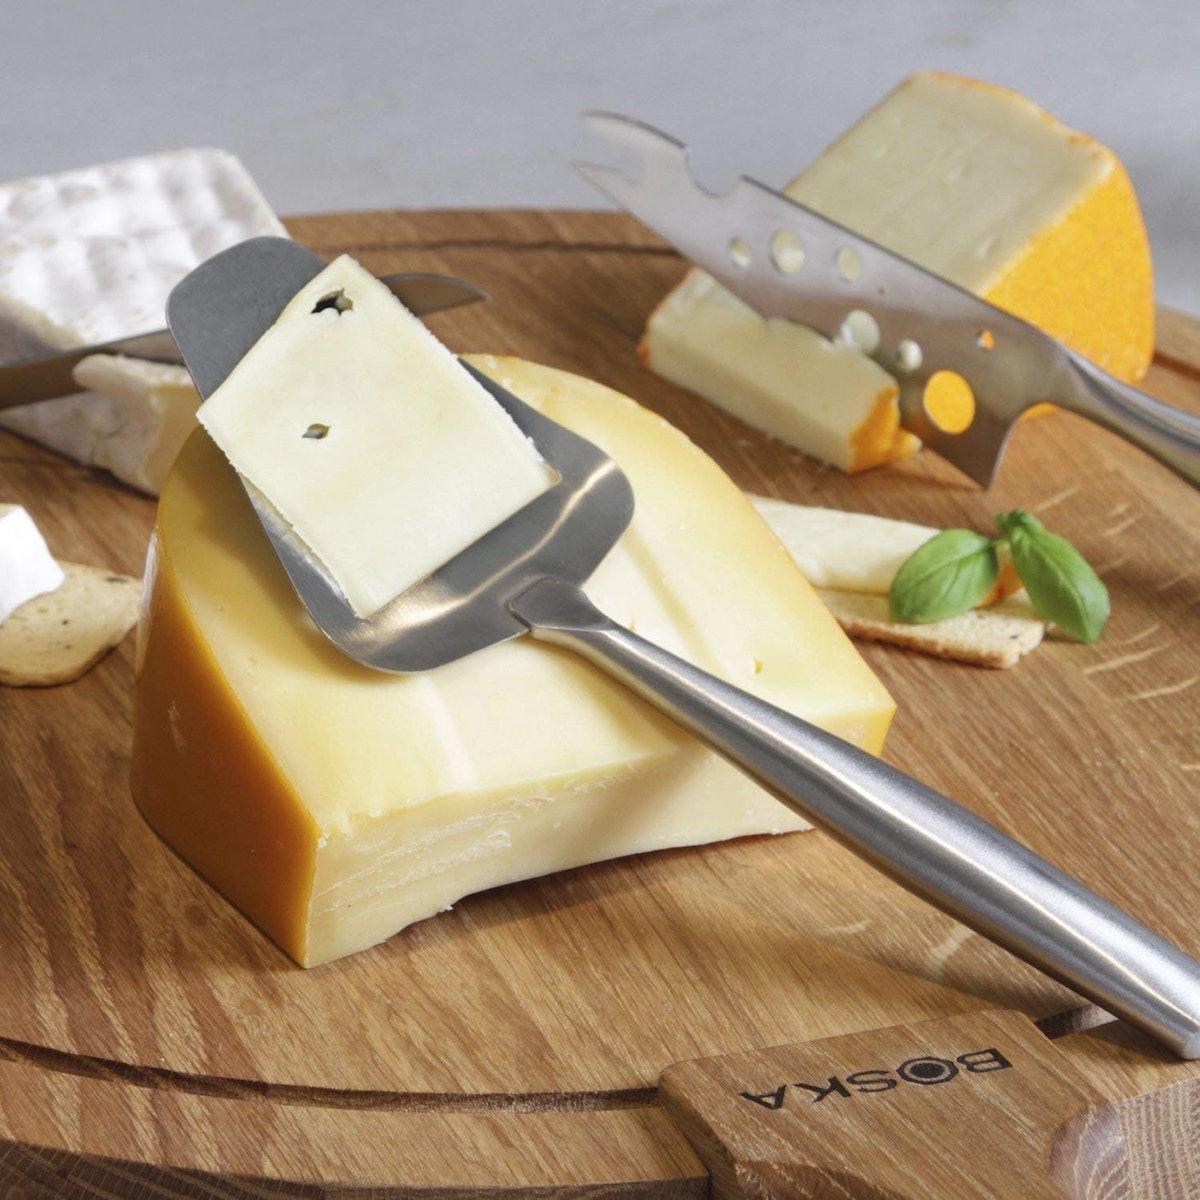 Boska Stainless Steel Cheese Slicer